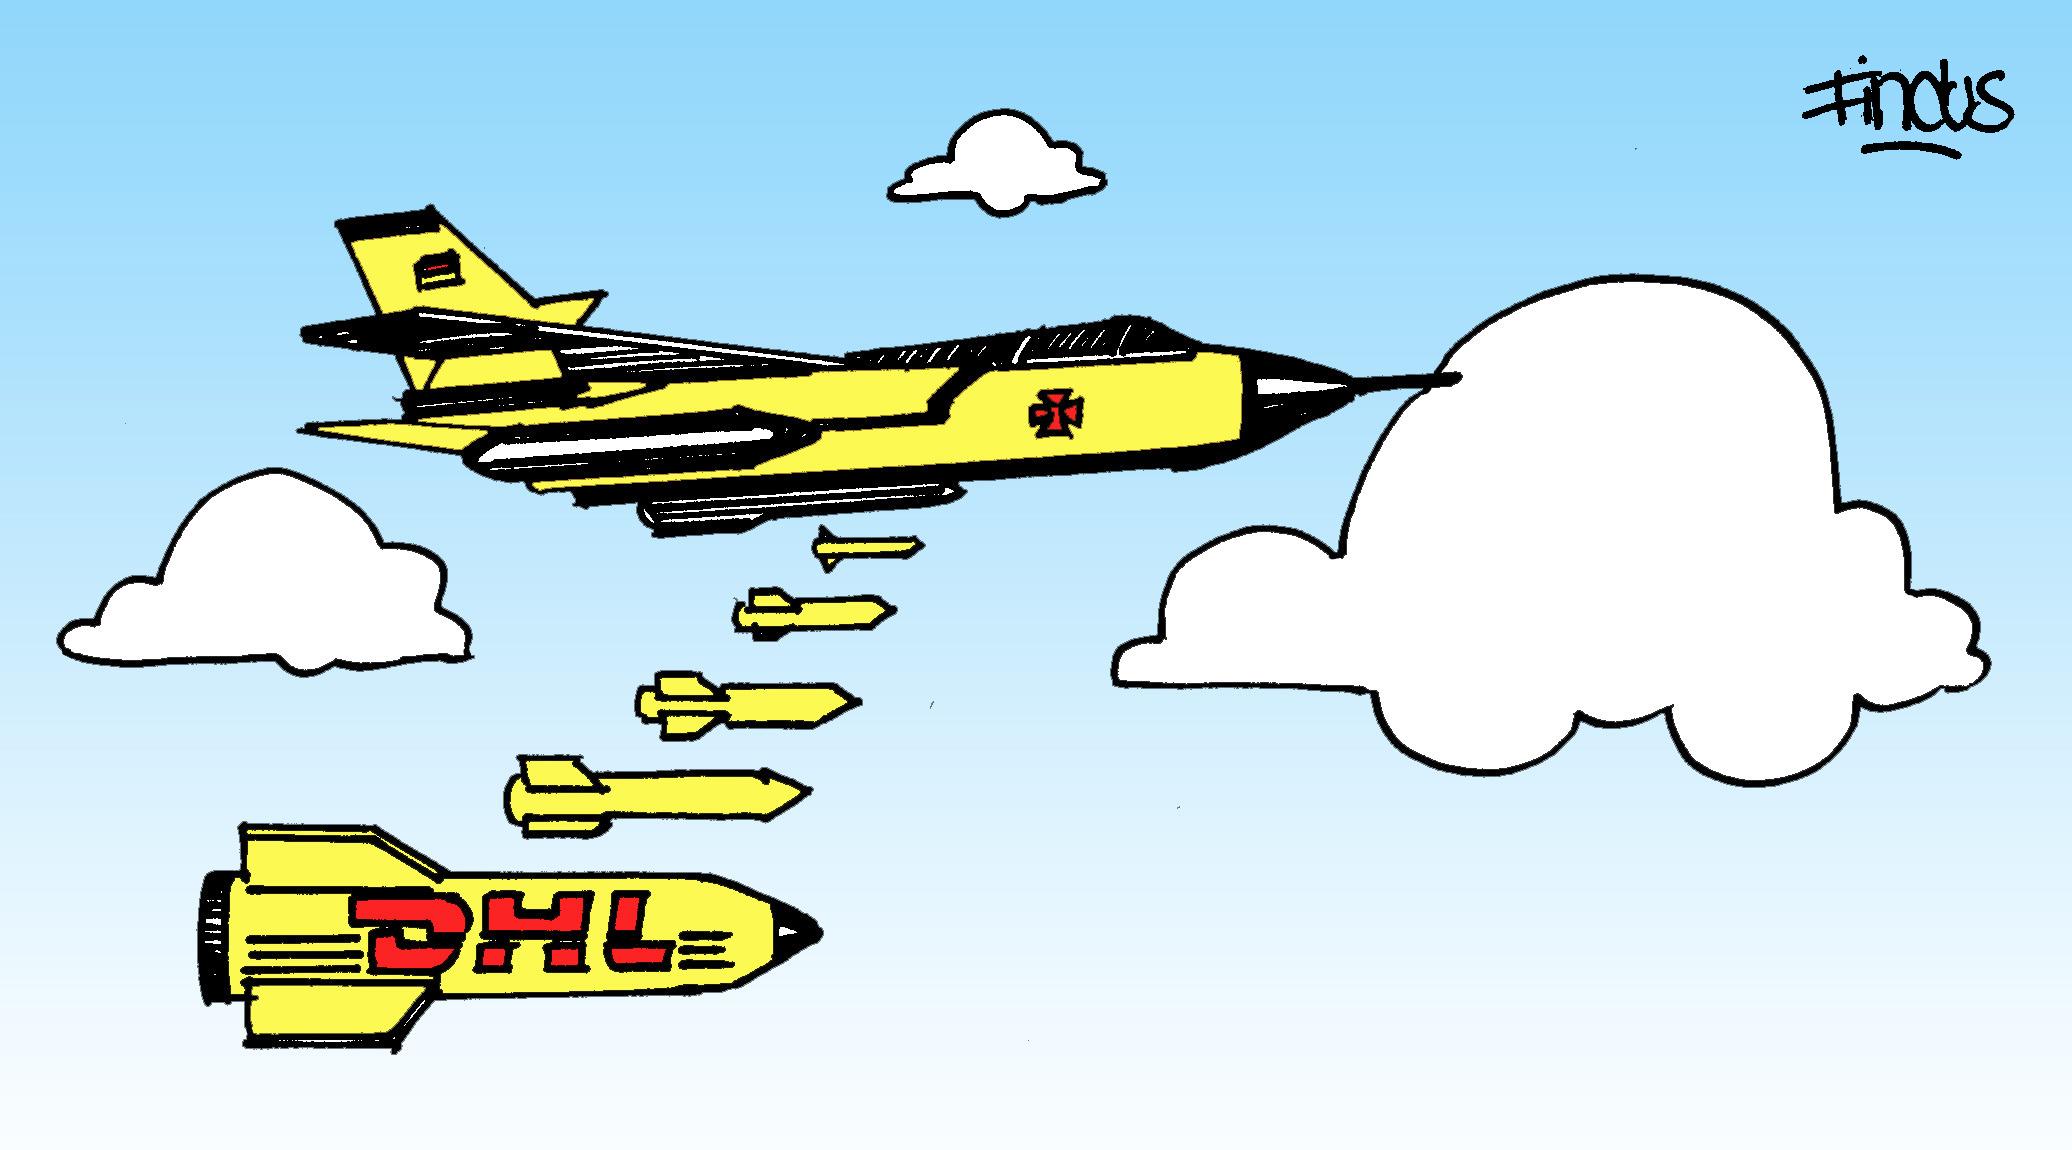 DHL Bundeswehr Findus